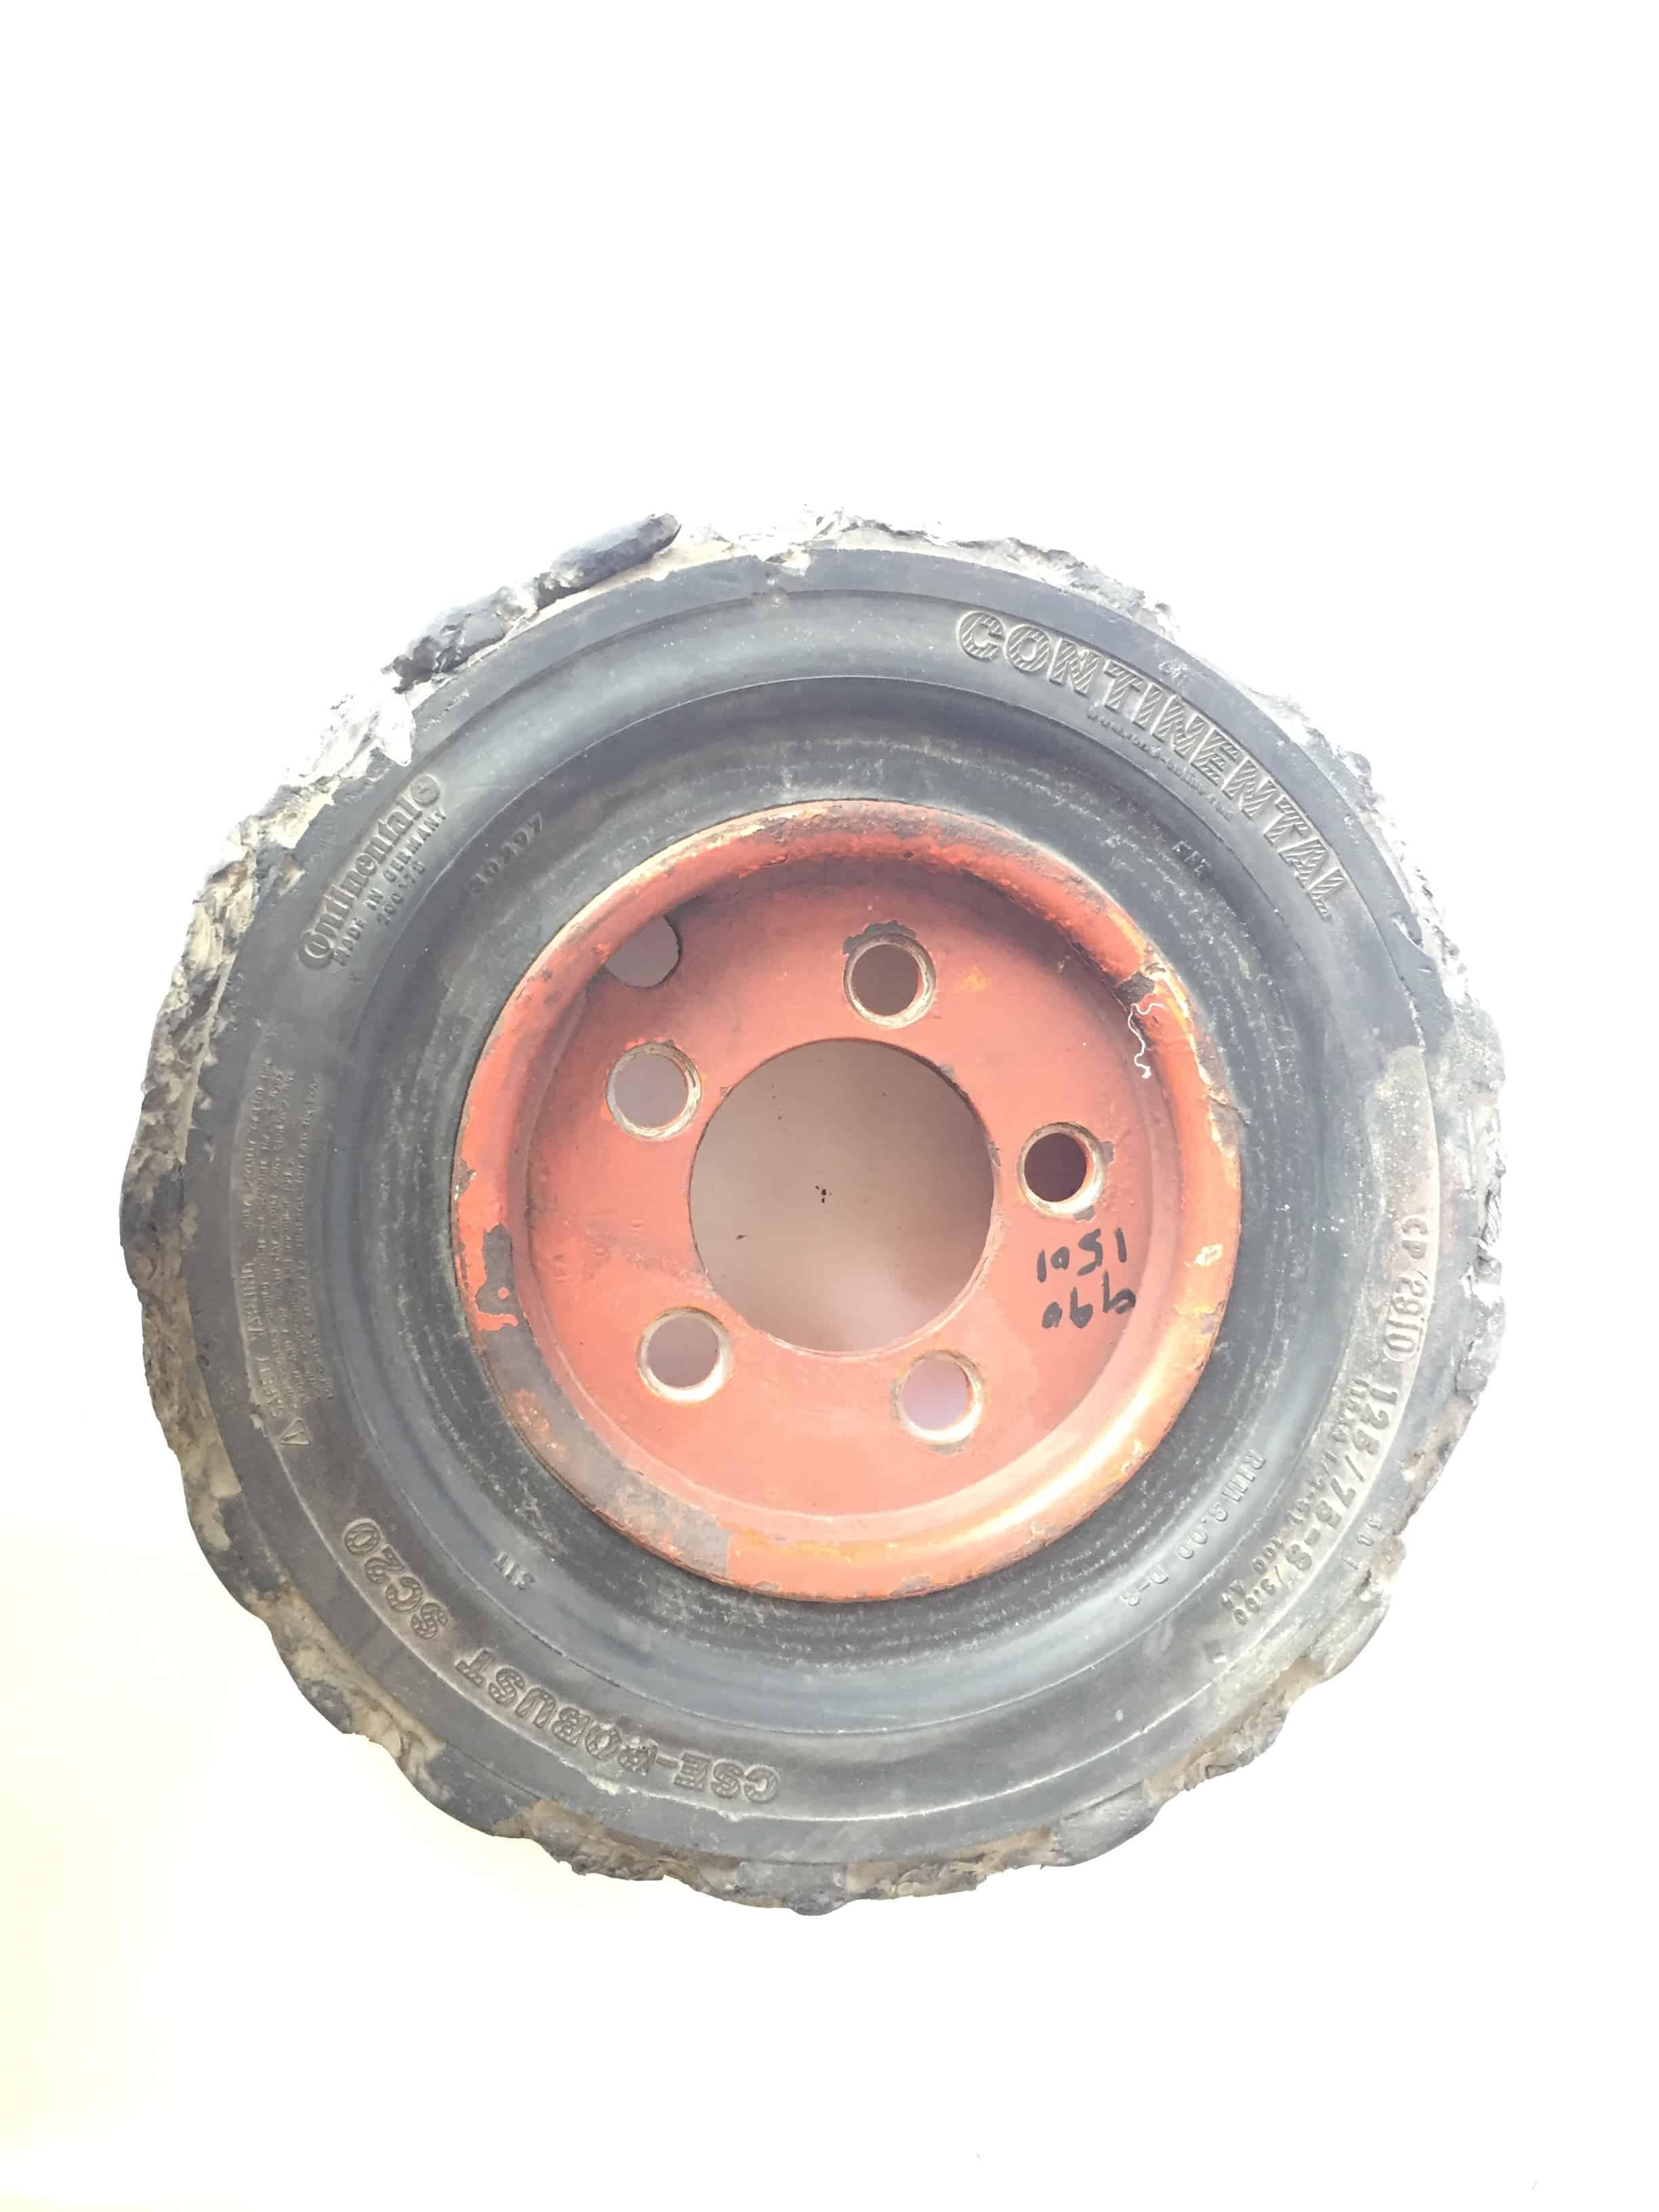   Disc wheel assy. 4,33R-8   Fazl-e-Rasheed and Company October 2021